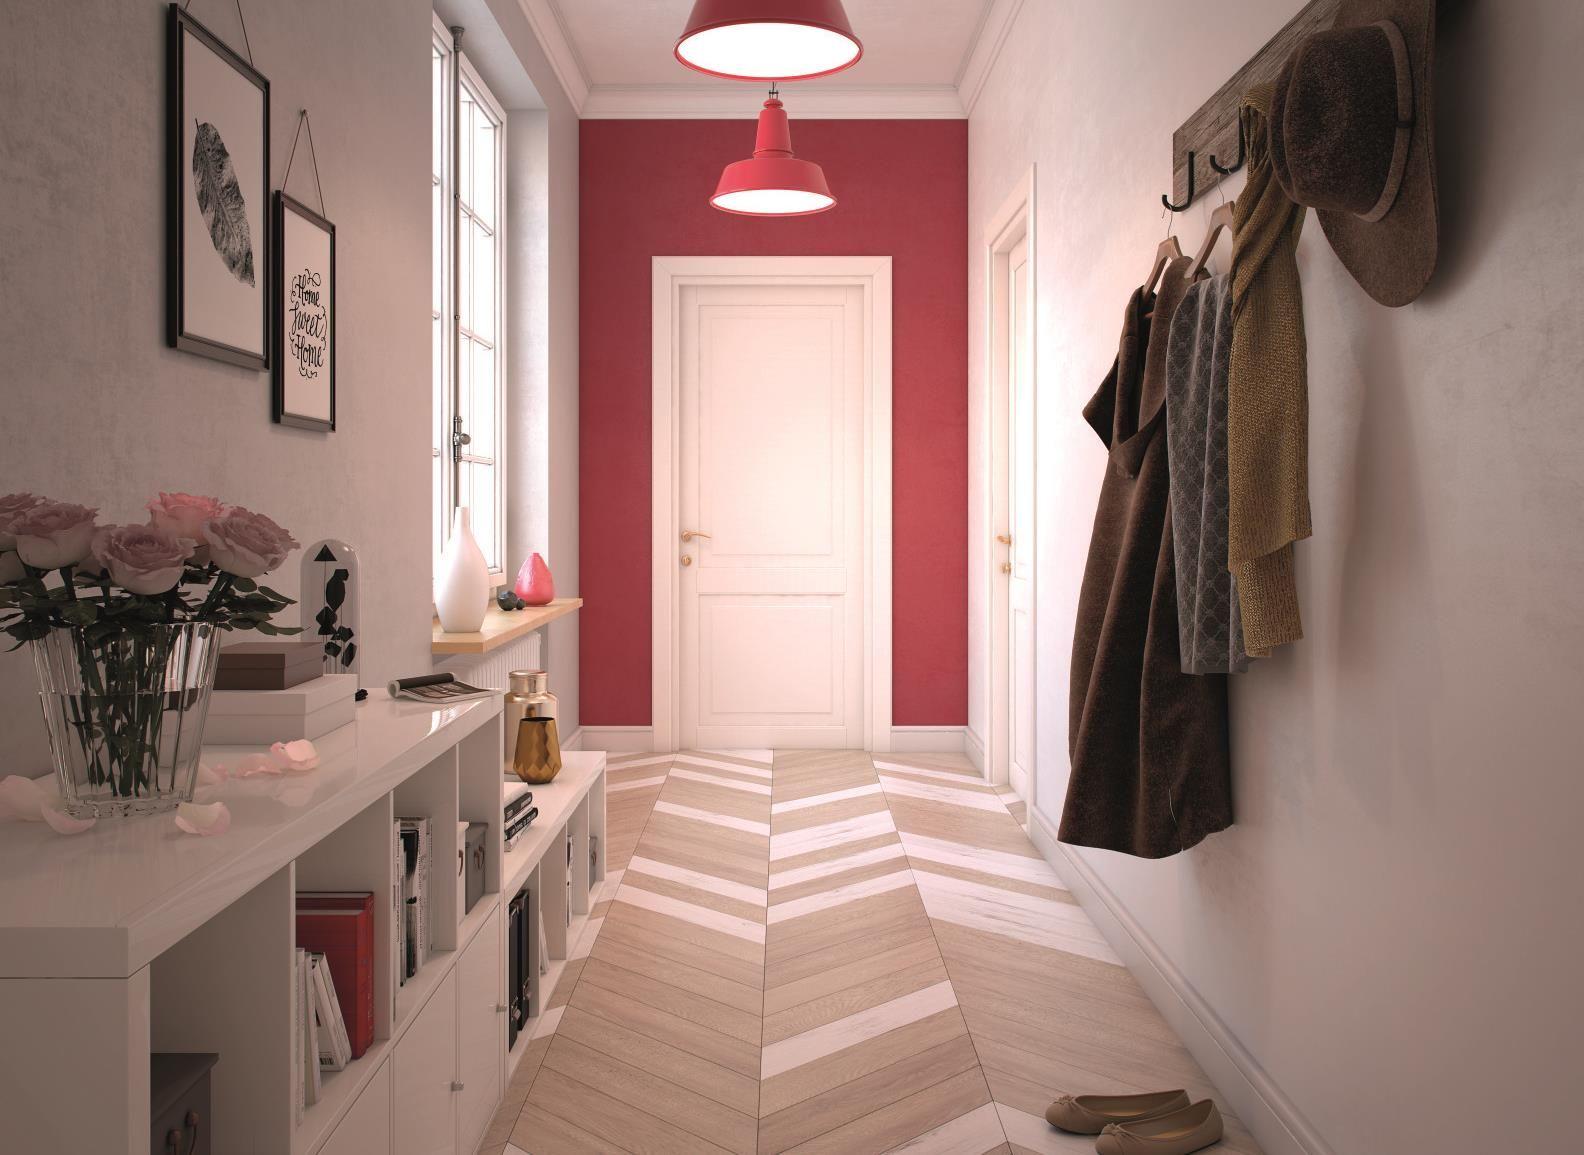 Wedlug Feng Shui Drzwi Wejsciowe I Przedpokoj To Najwazniejsze Miejsce W Domu Nie Zapominajcie Zatem O Odpowiedniej A Geometric Wall Paint Home Decor Interior